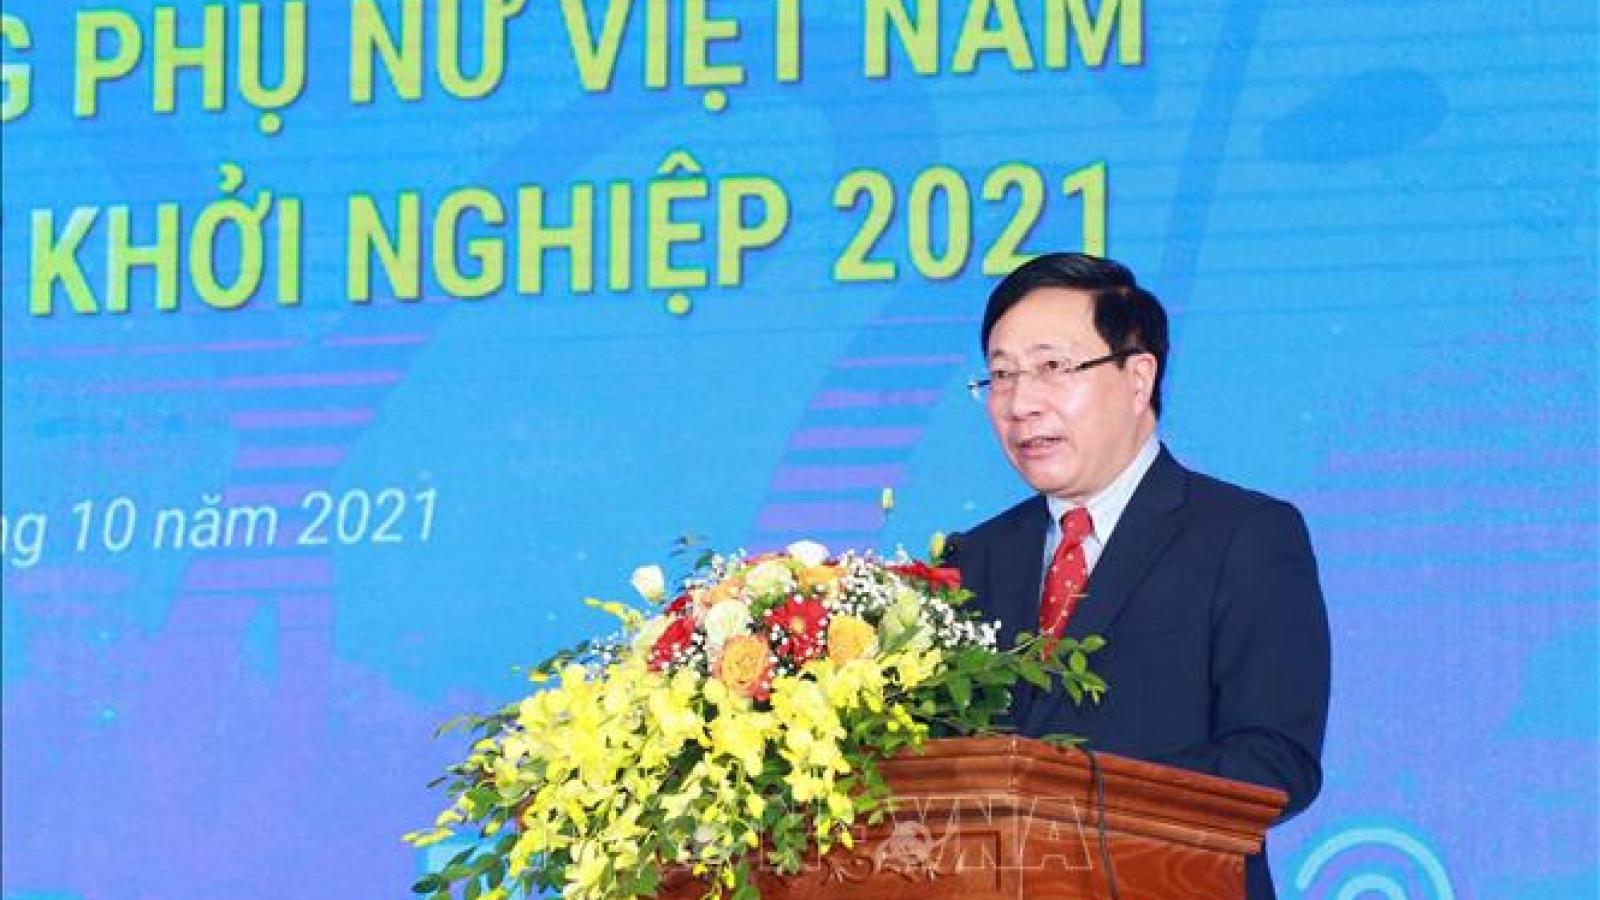 Phó Thủ tướng Phạm Bình Minh dự Lễ trao giải thưởng Phụ nữ Việt Nam